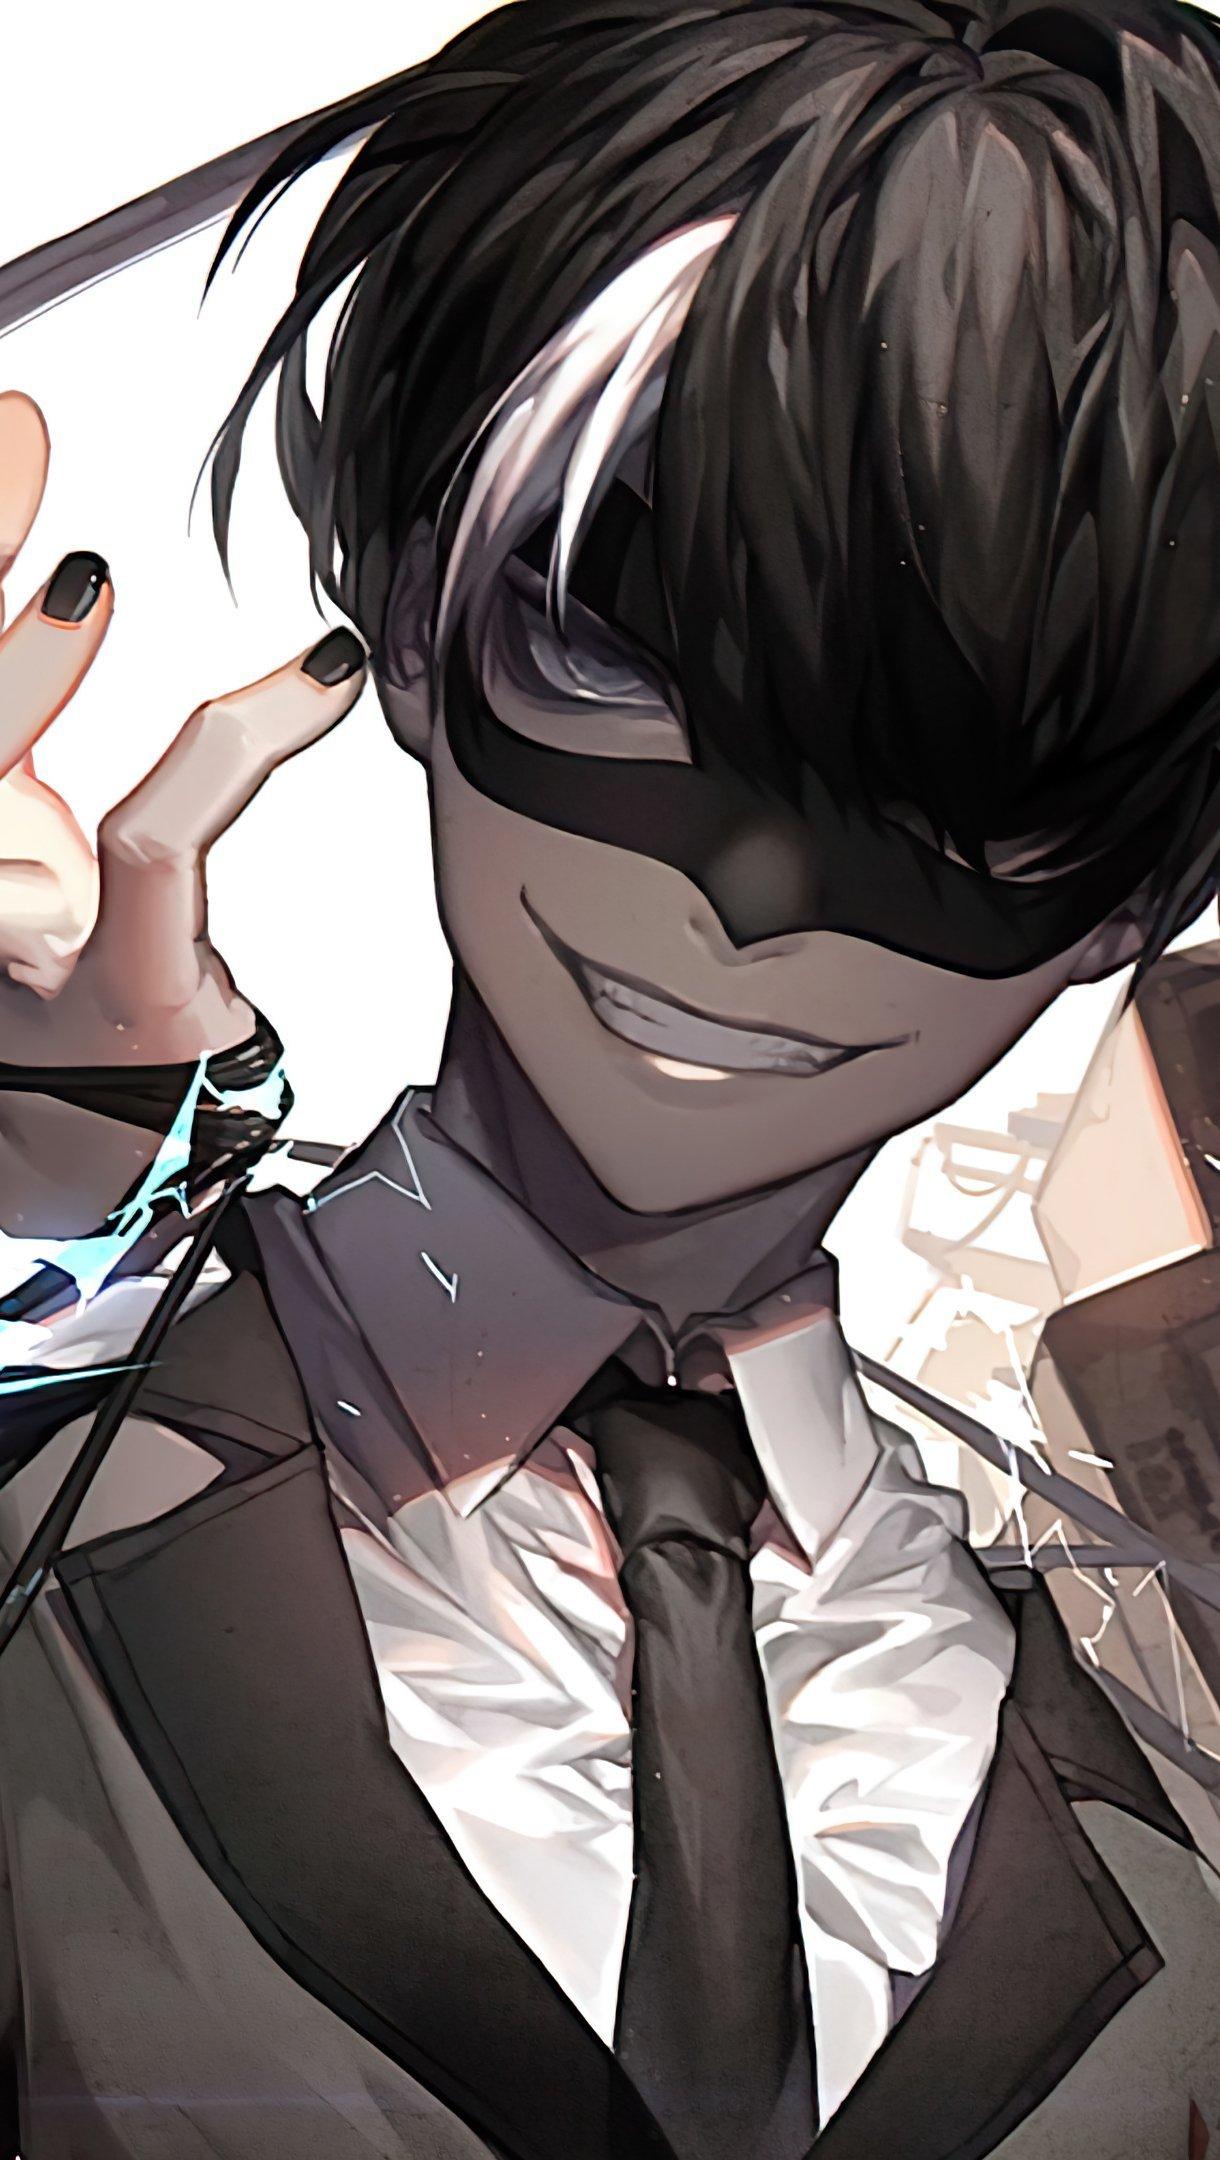 Fondos de pantalla Anime Tao de Noblesse Vertical